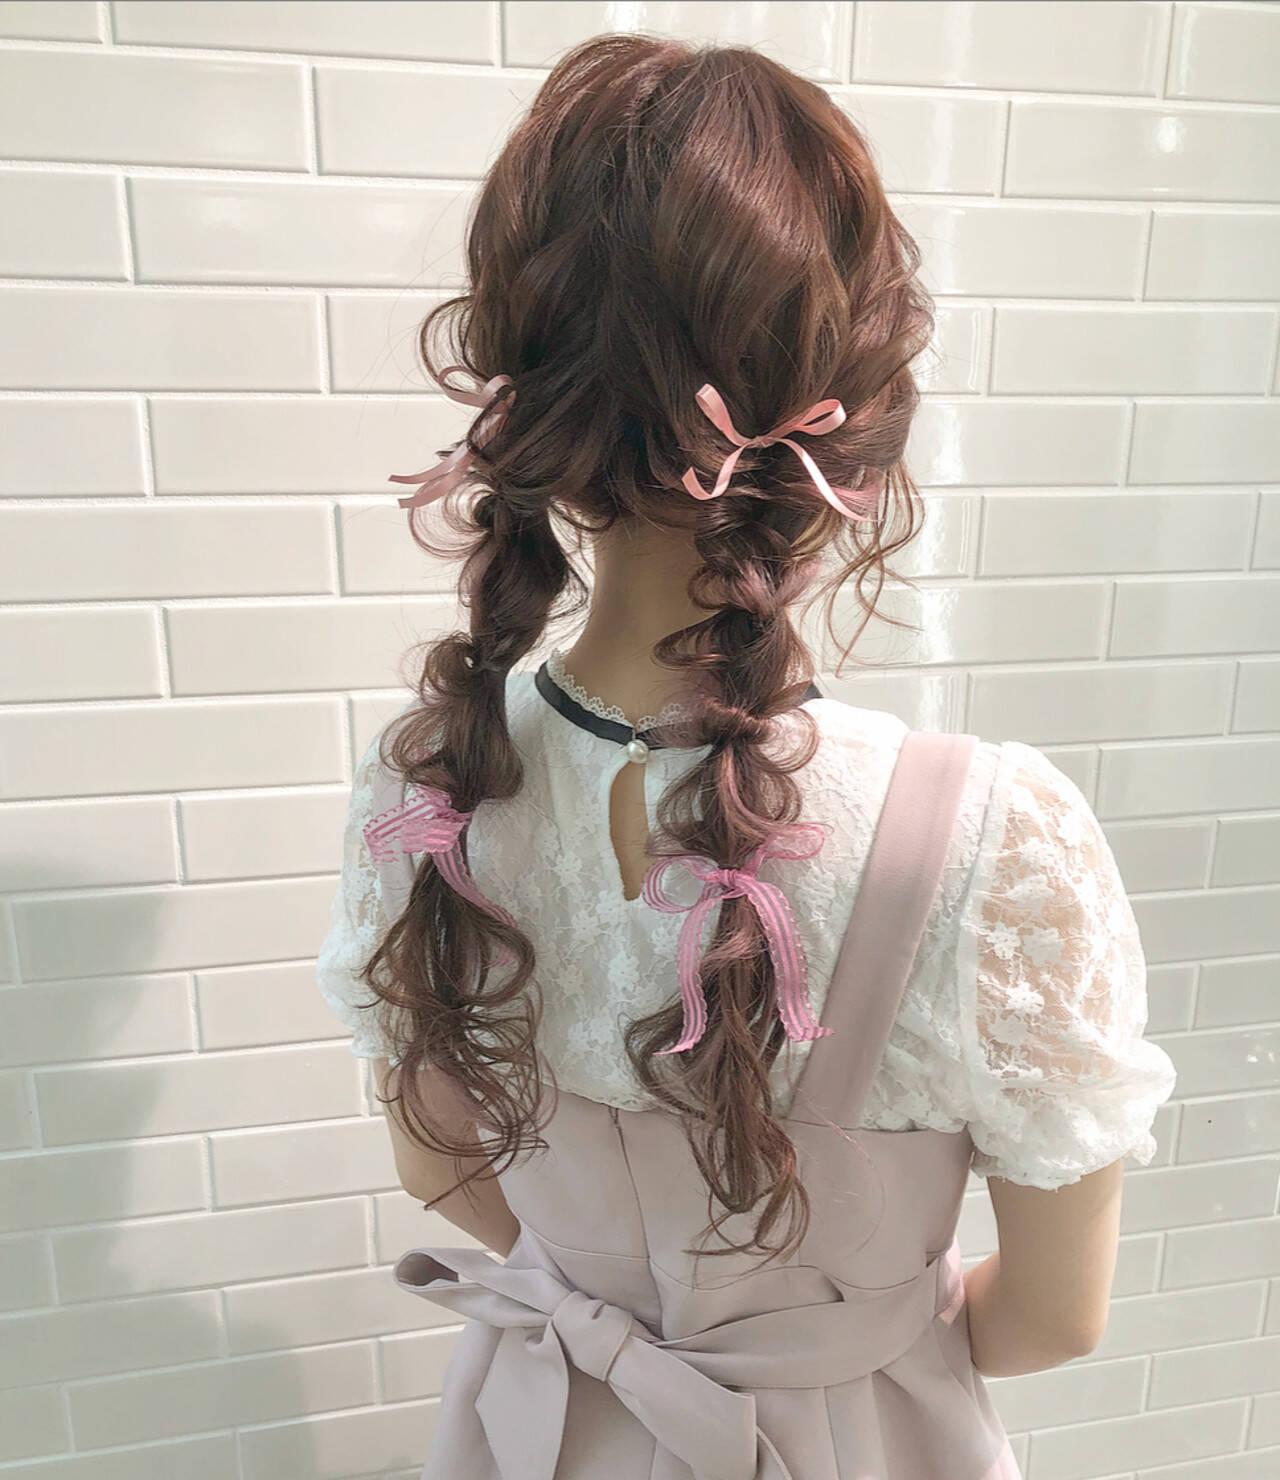 ヘアアレンジ ロング 編みおろしツイン ガーリーヘアスタイルや髪型の写真・画像